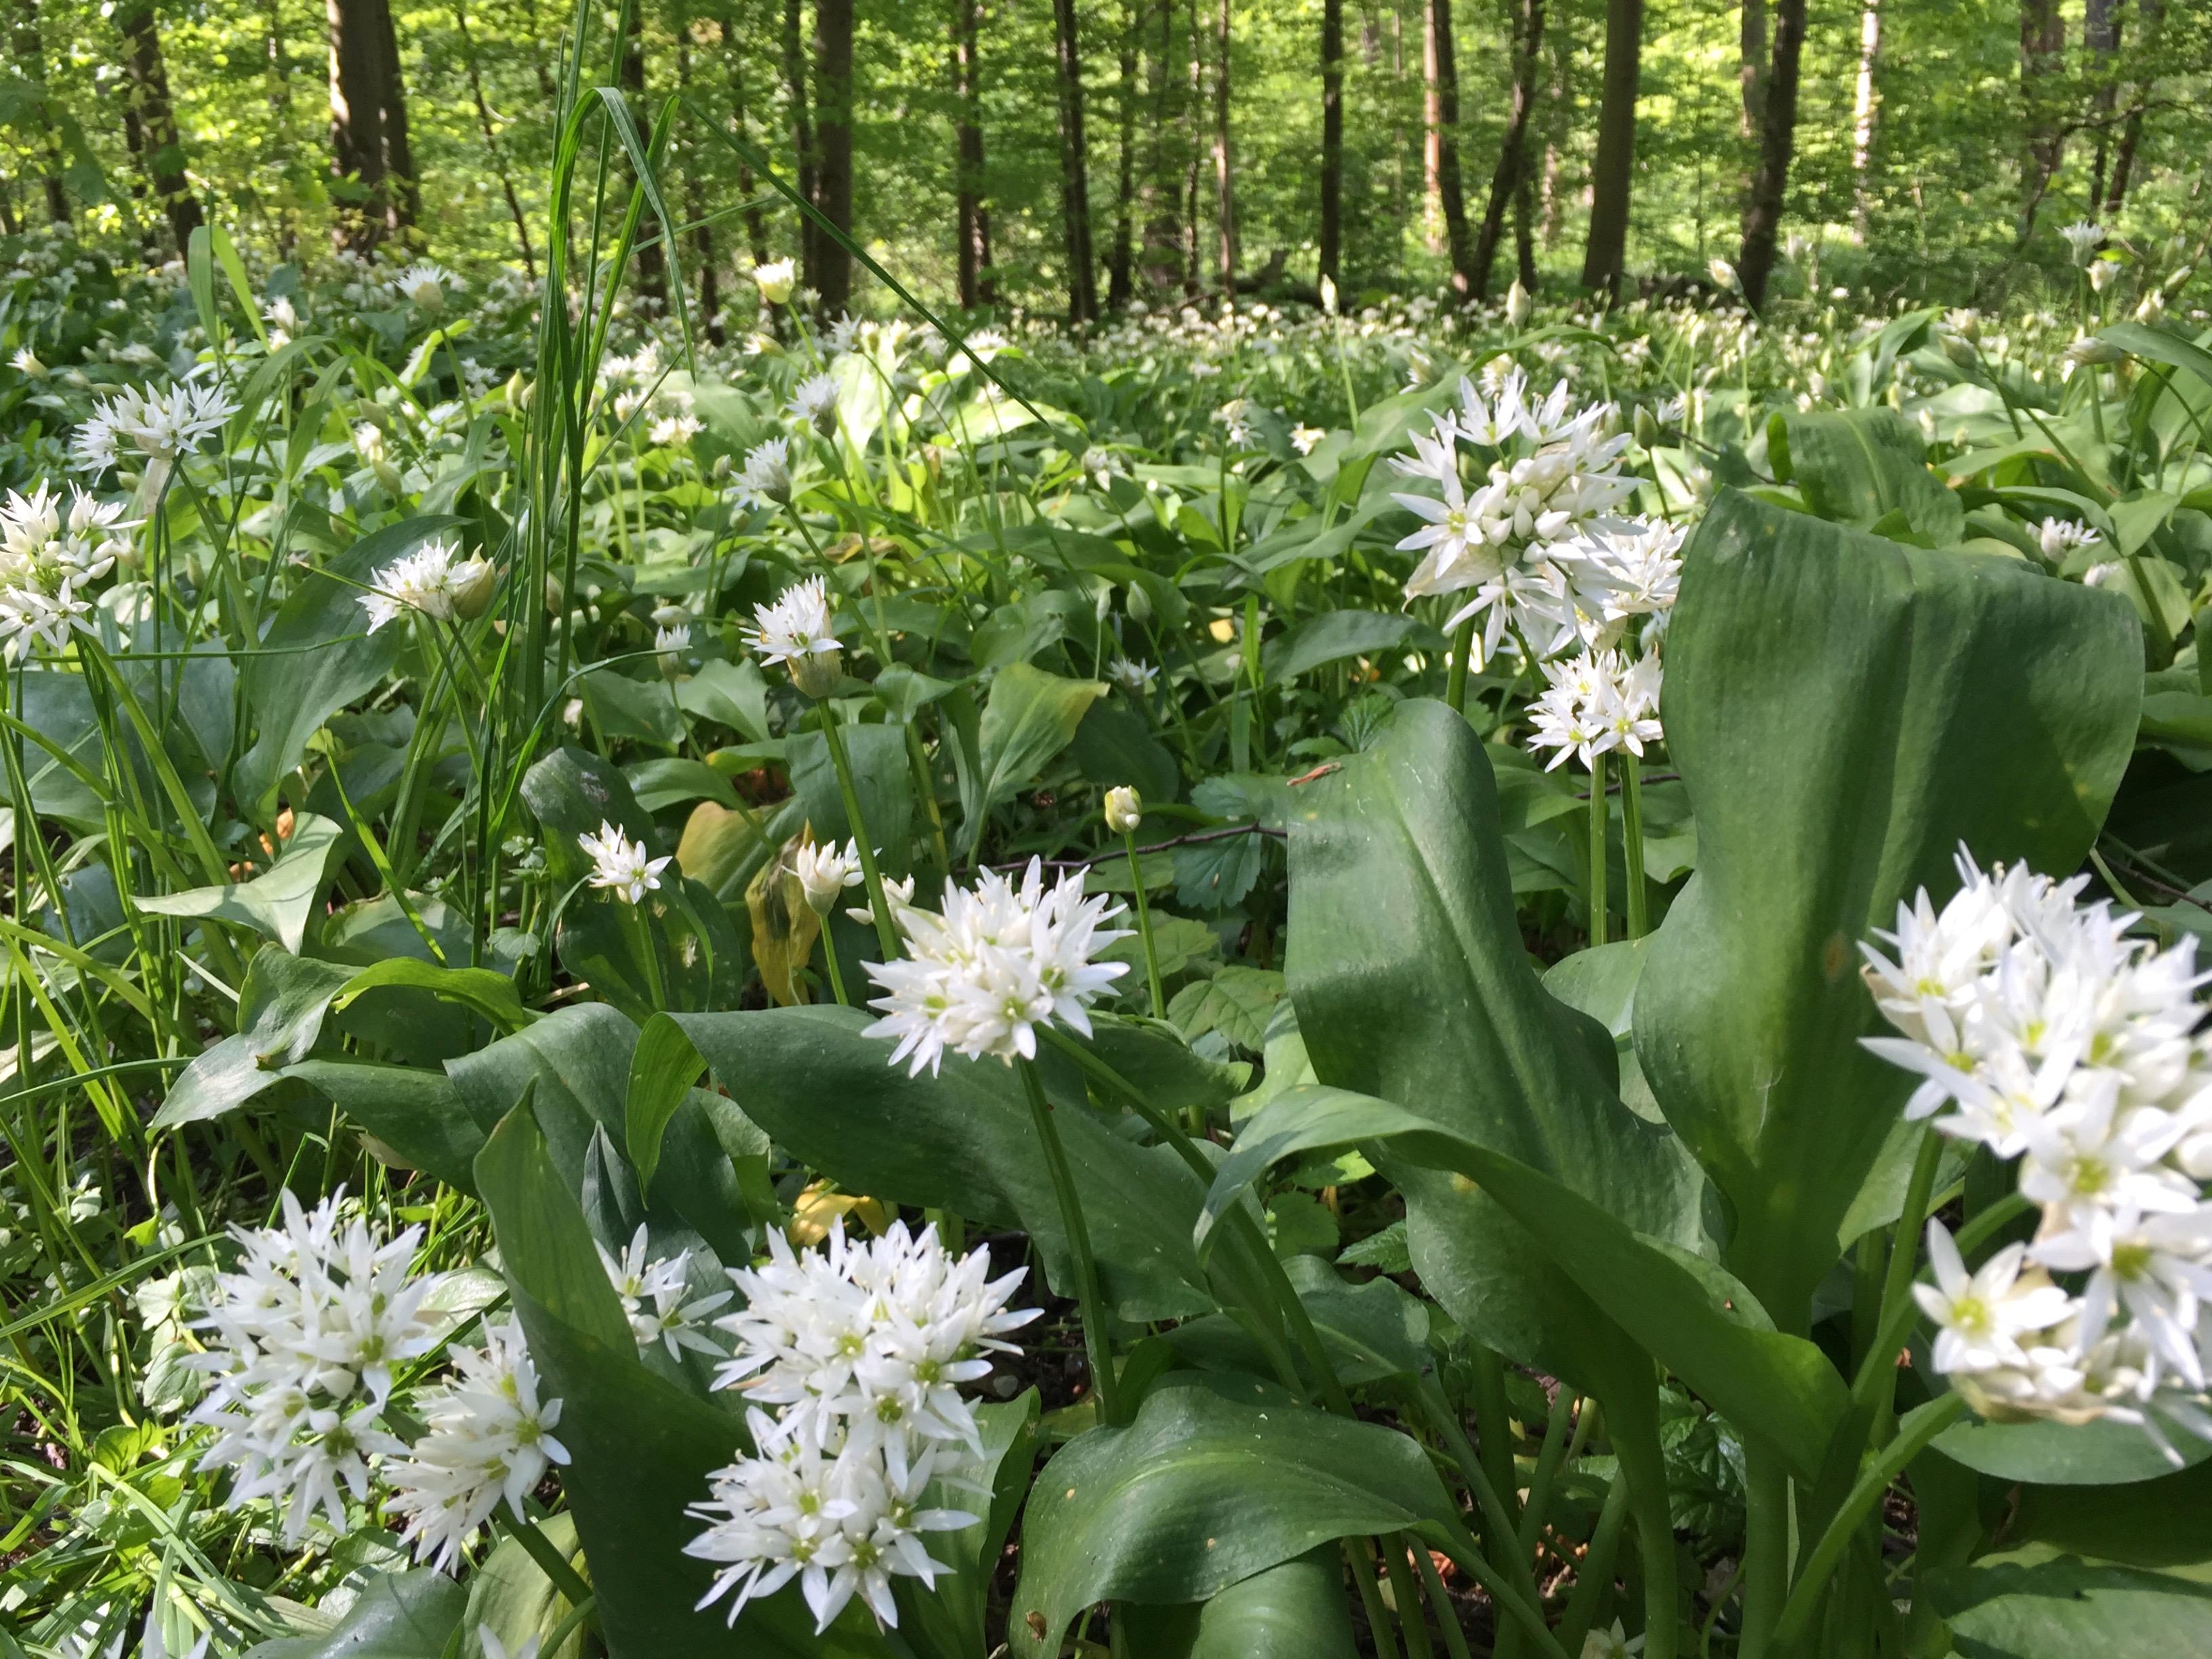 Auenwald in voller Blüte